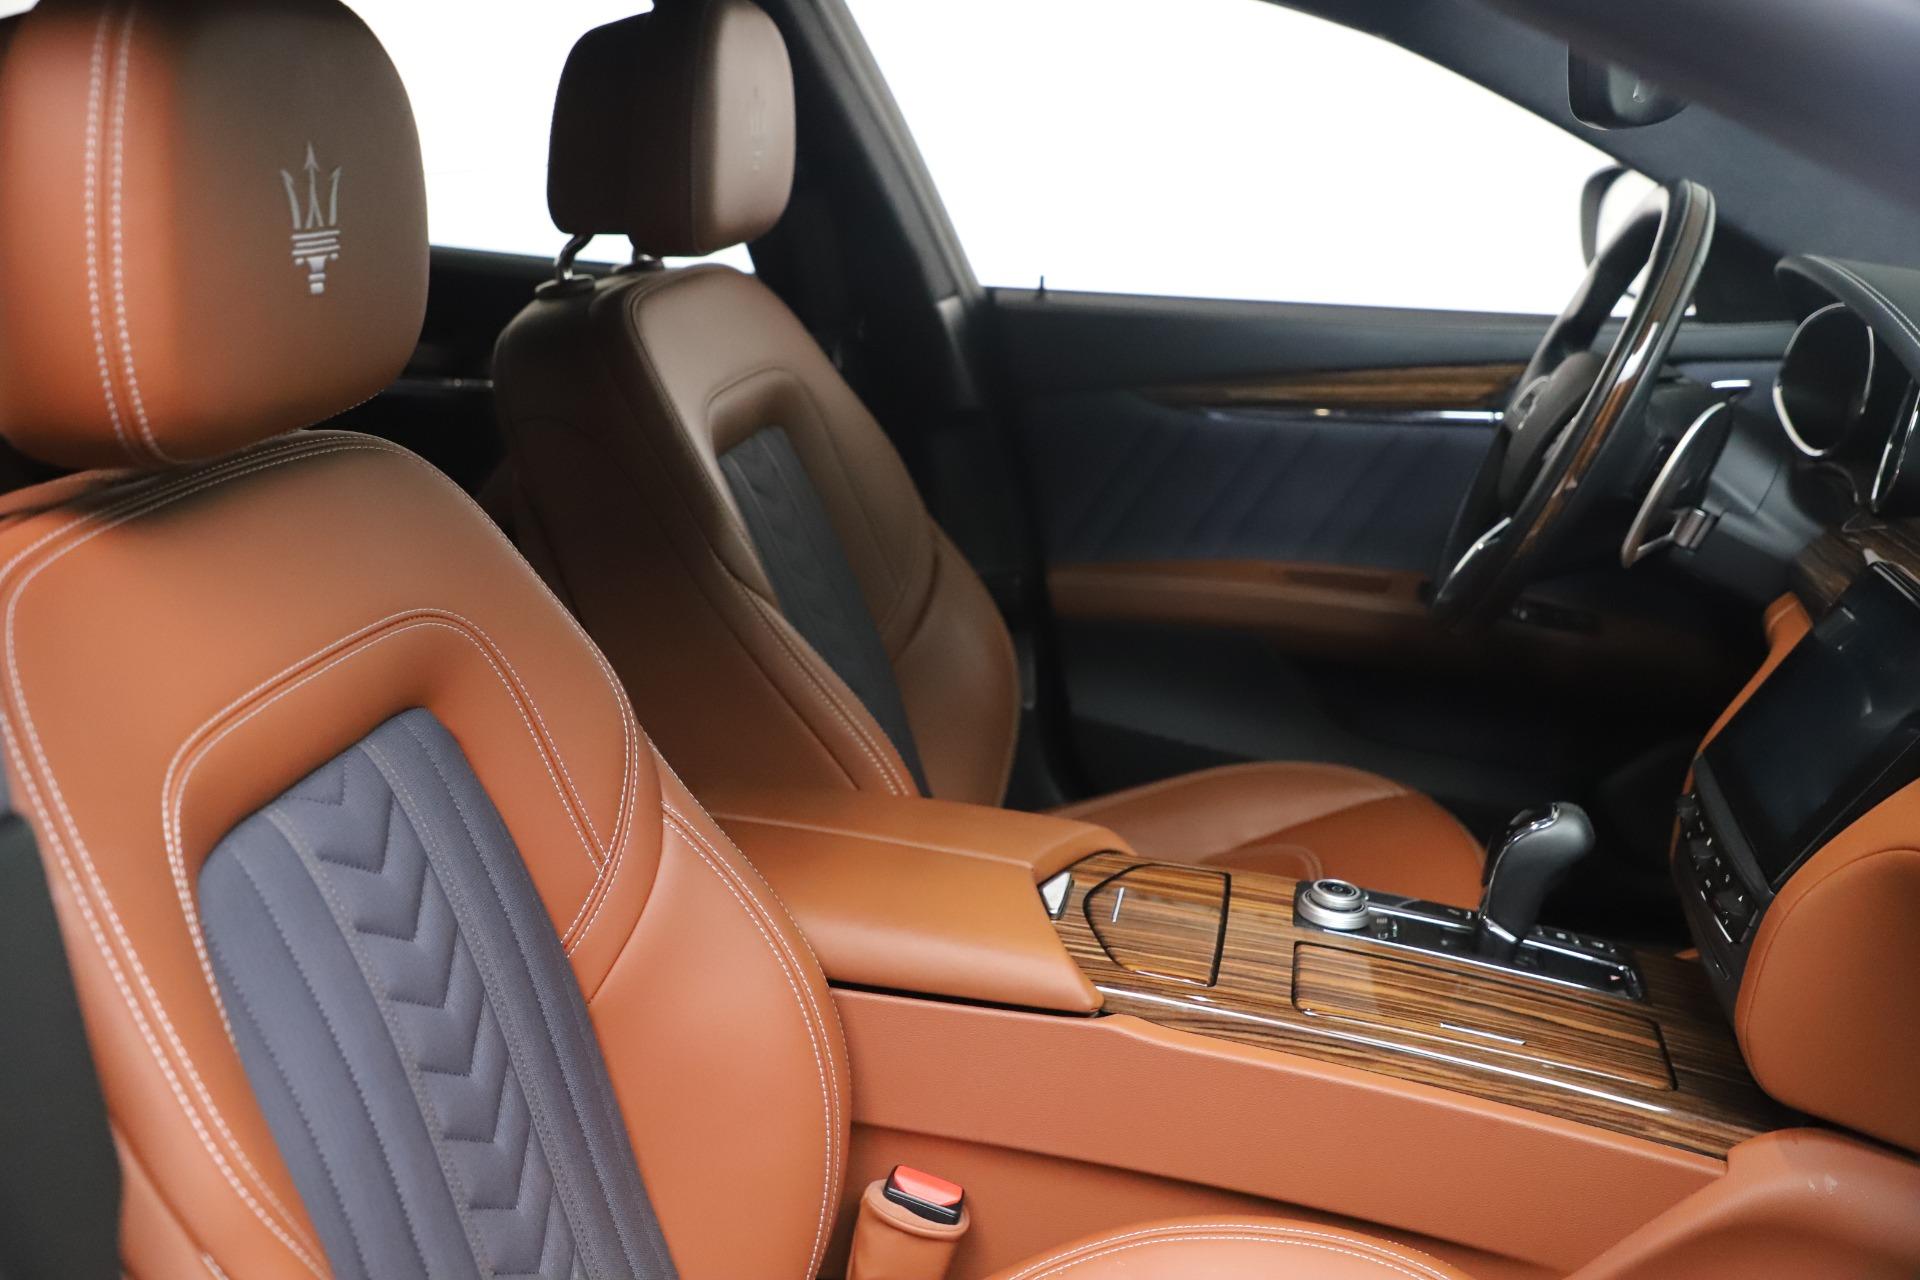 New 2017 Maserati Quattroporte SQ4 GranLusso/ Zegna For Sale In Greenwich, CT 1355_p20